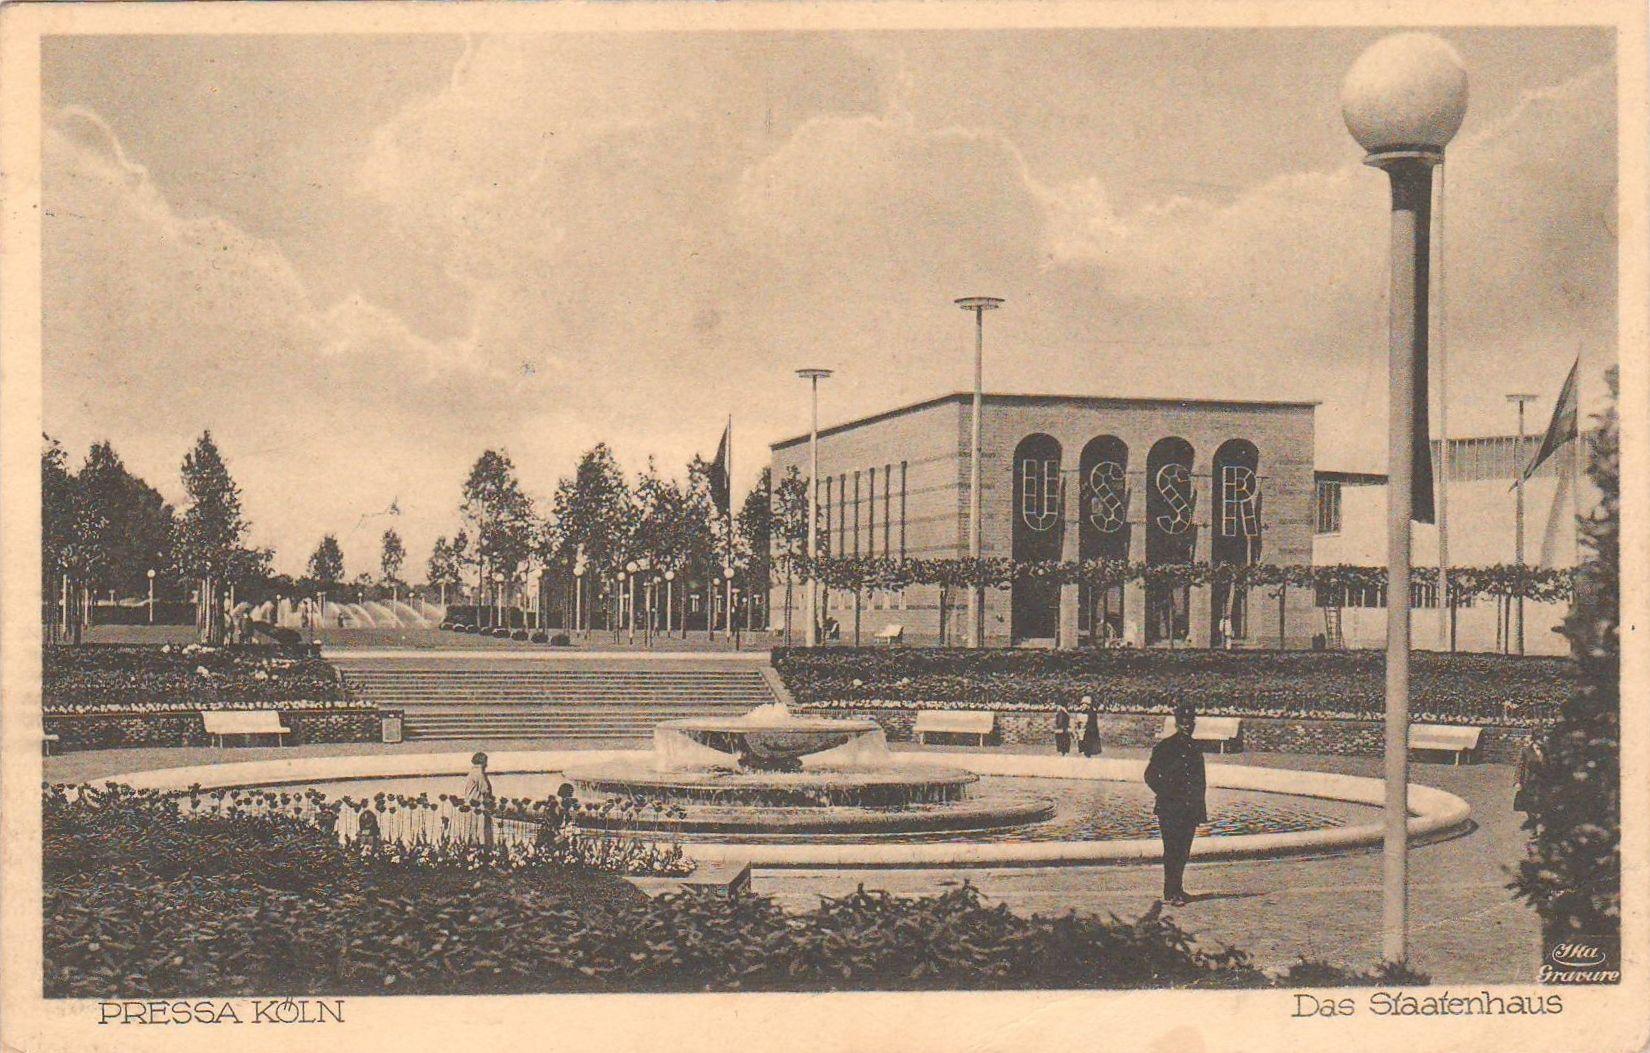 Lissitzky el pavillon der udssr auf der pressa köln the